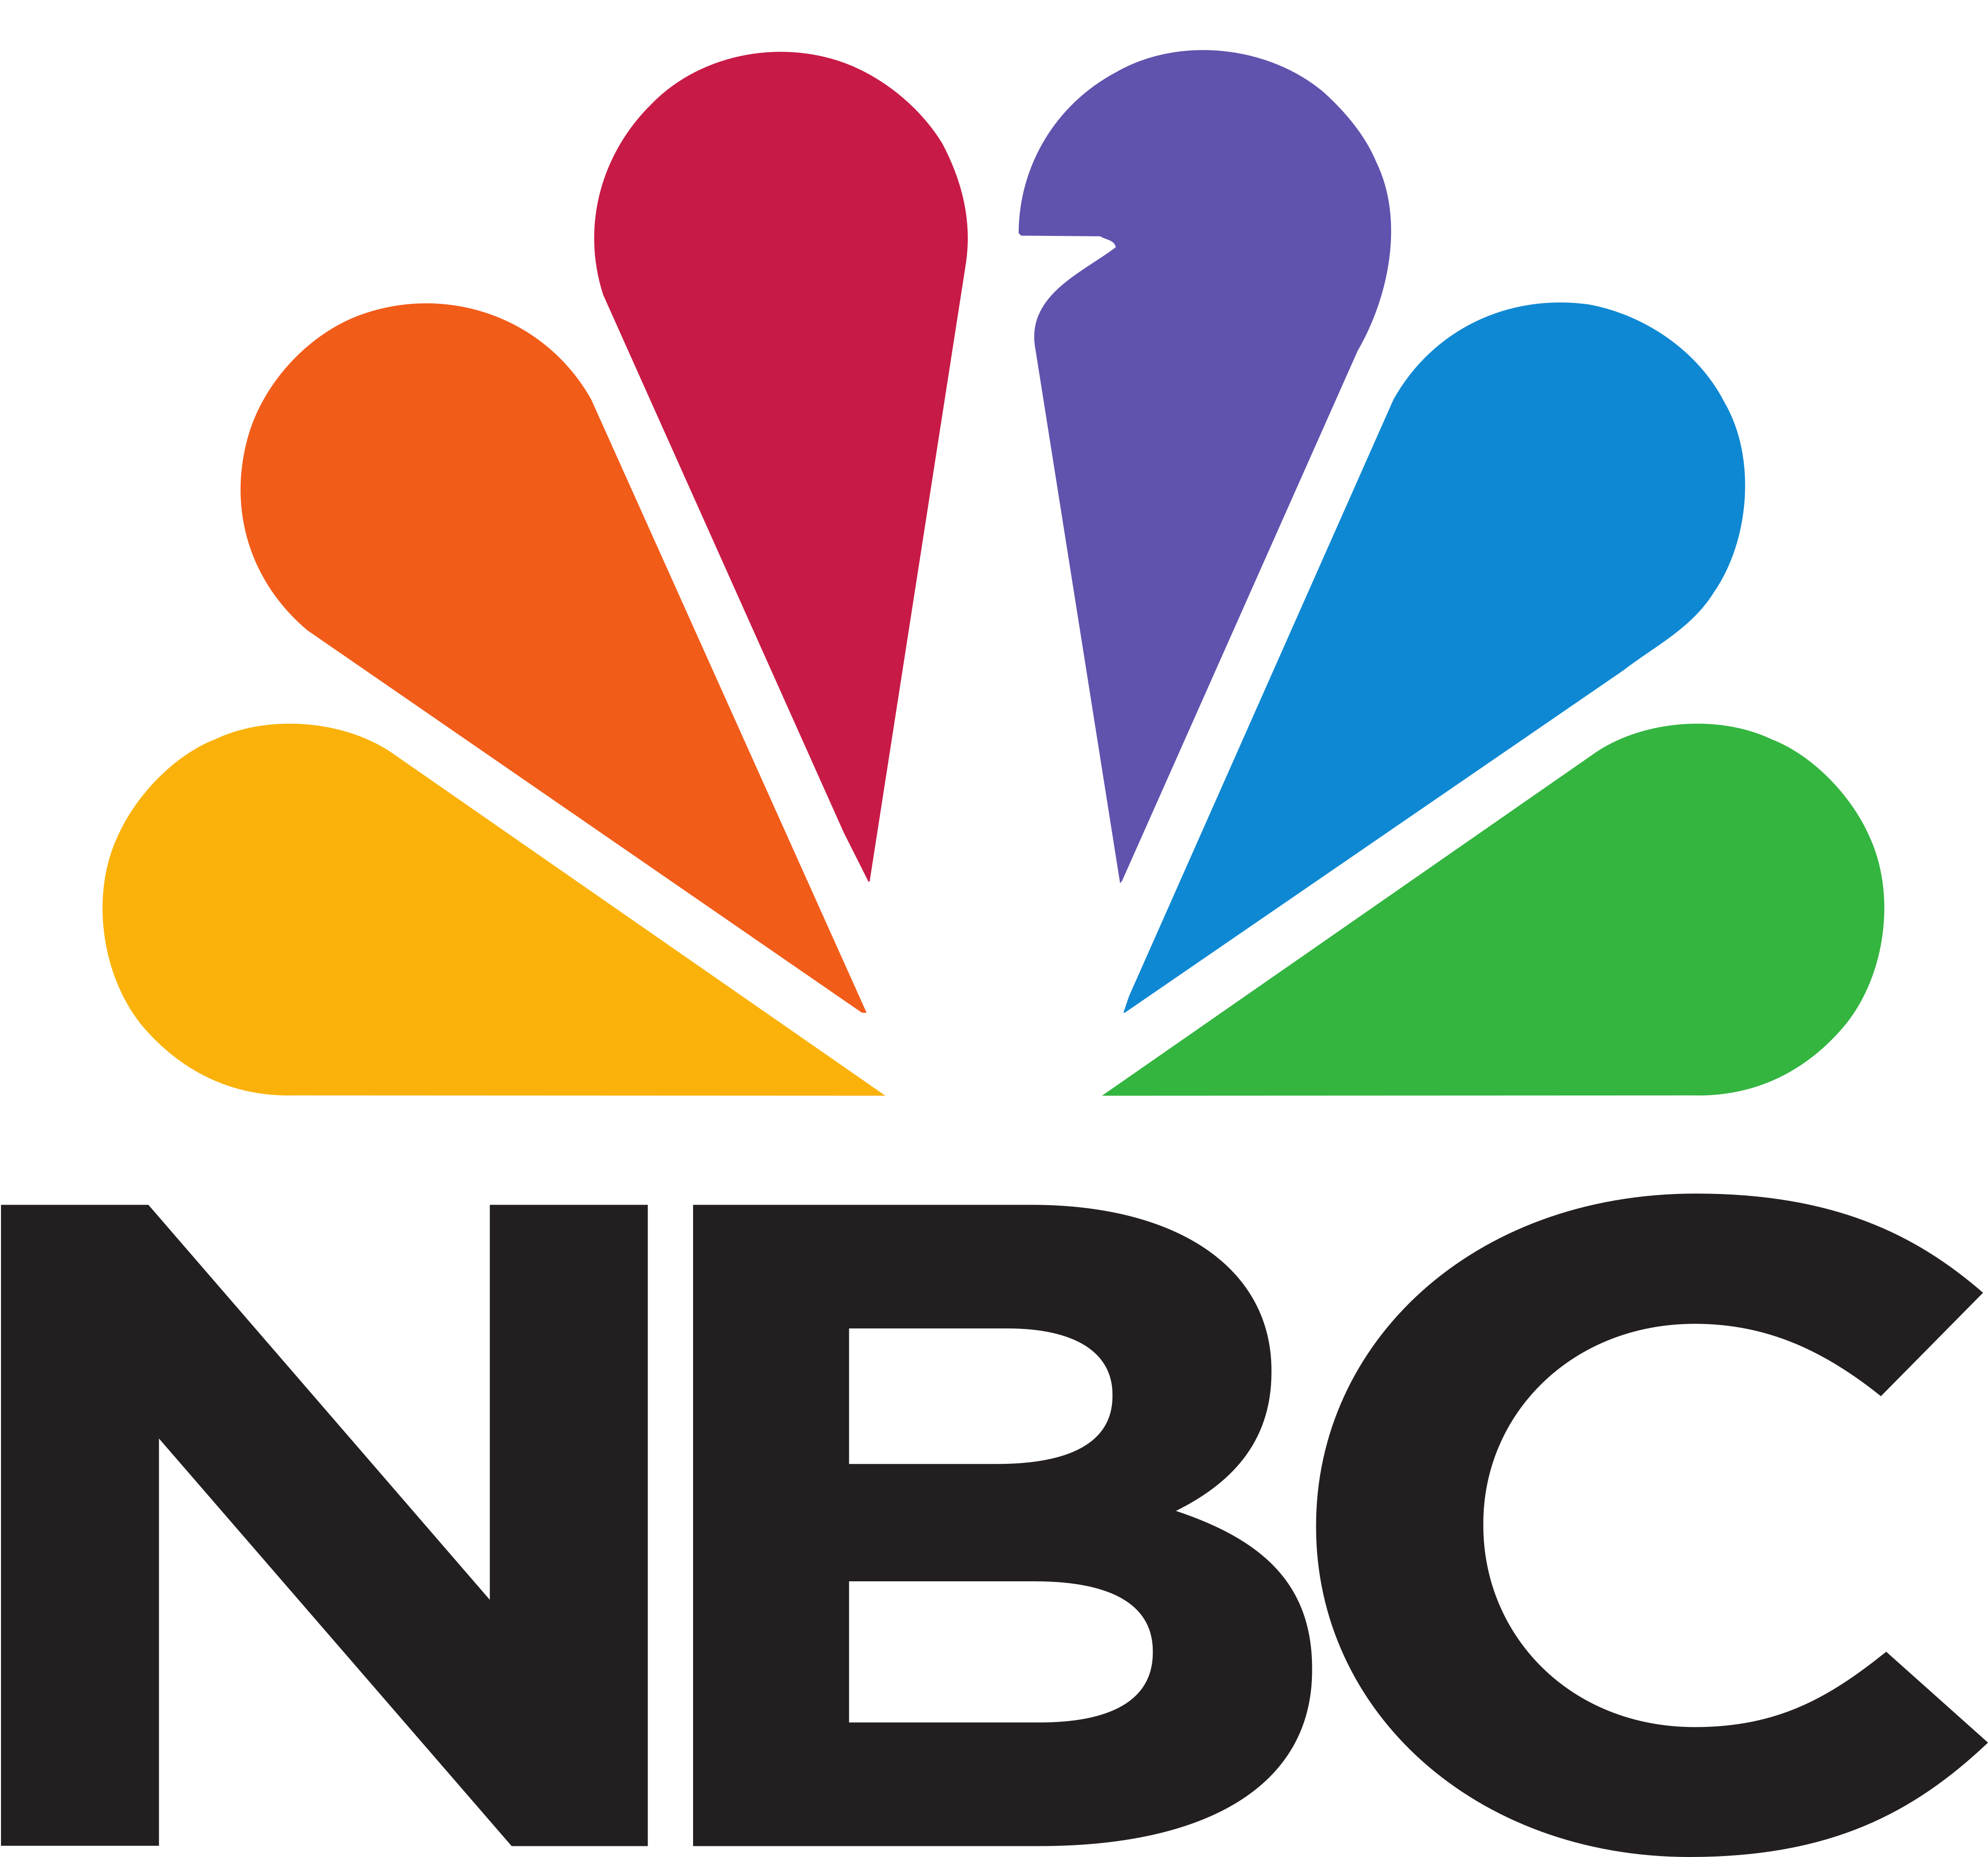 nbc logo 1 - NBC Logo